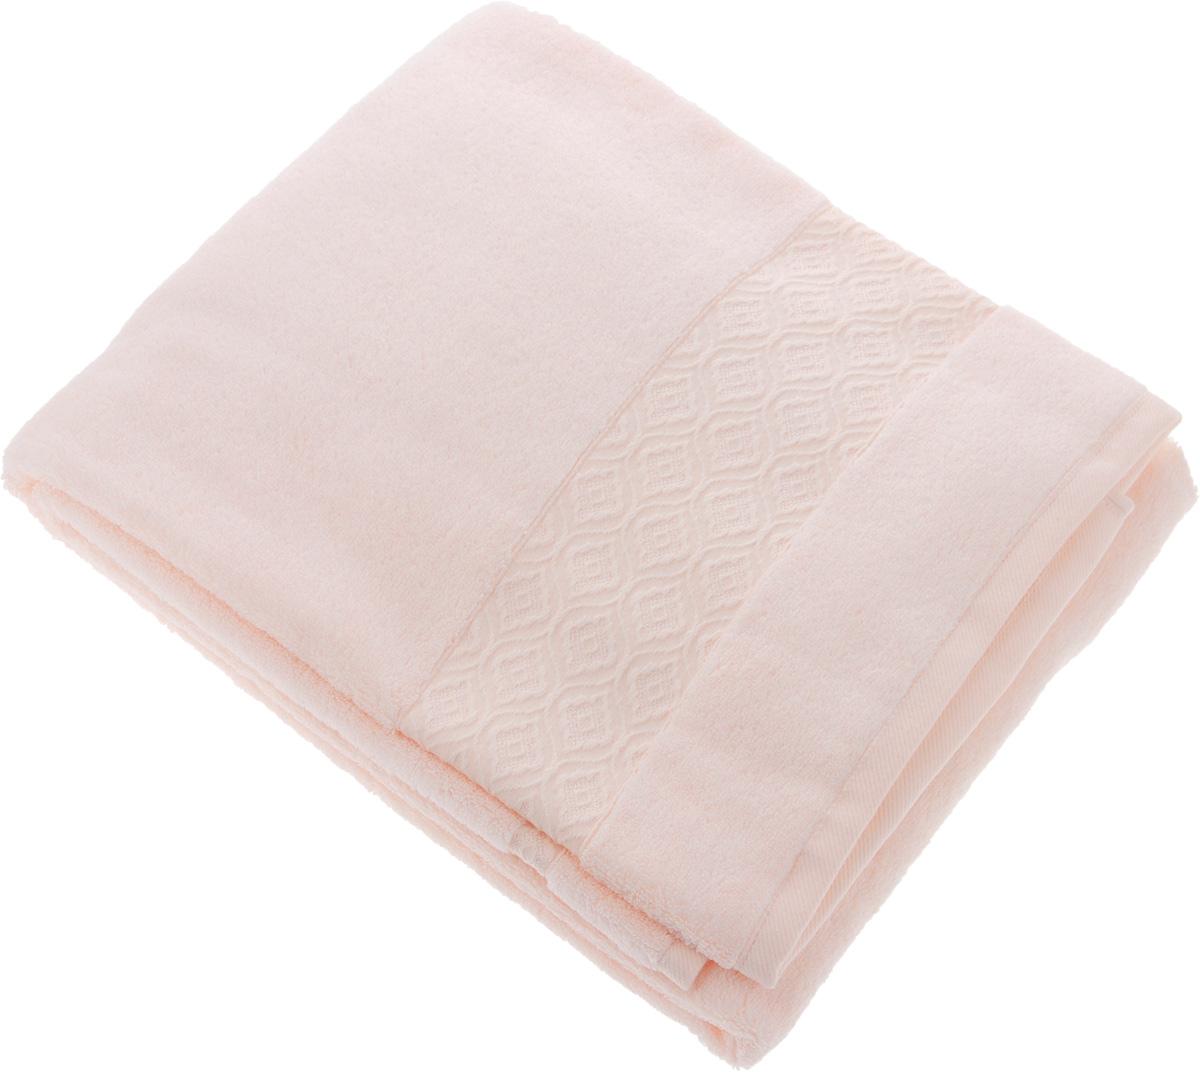 Полотенце Issimo Home Delphine, цвет: розовый, 90 x 150 см полотенце бамбуковое issimo home valencia цвет розовый 90 x 150 см